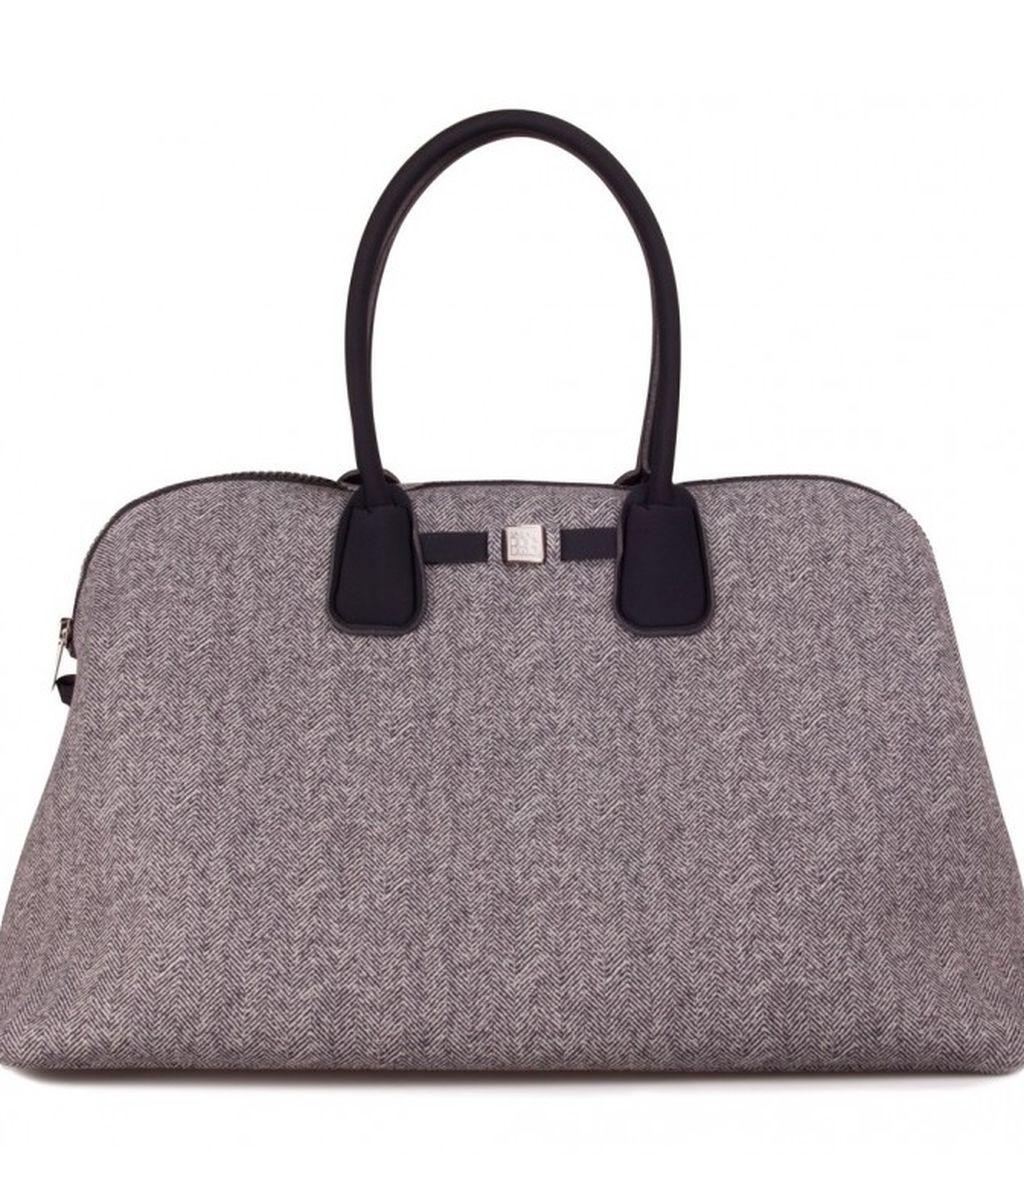 'Save My Bag', la innovadora firma de bolsos que se pueden lavar